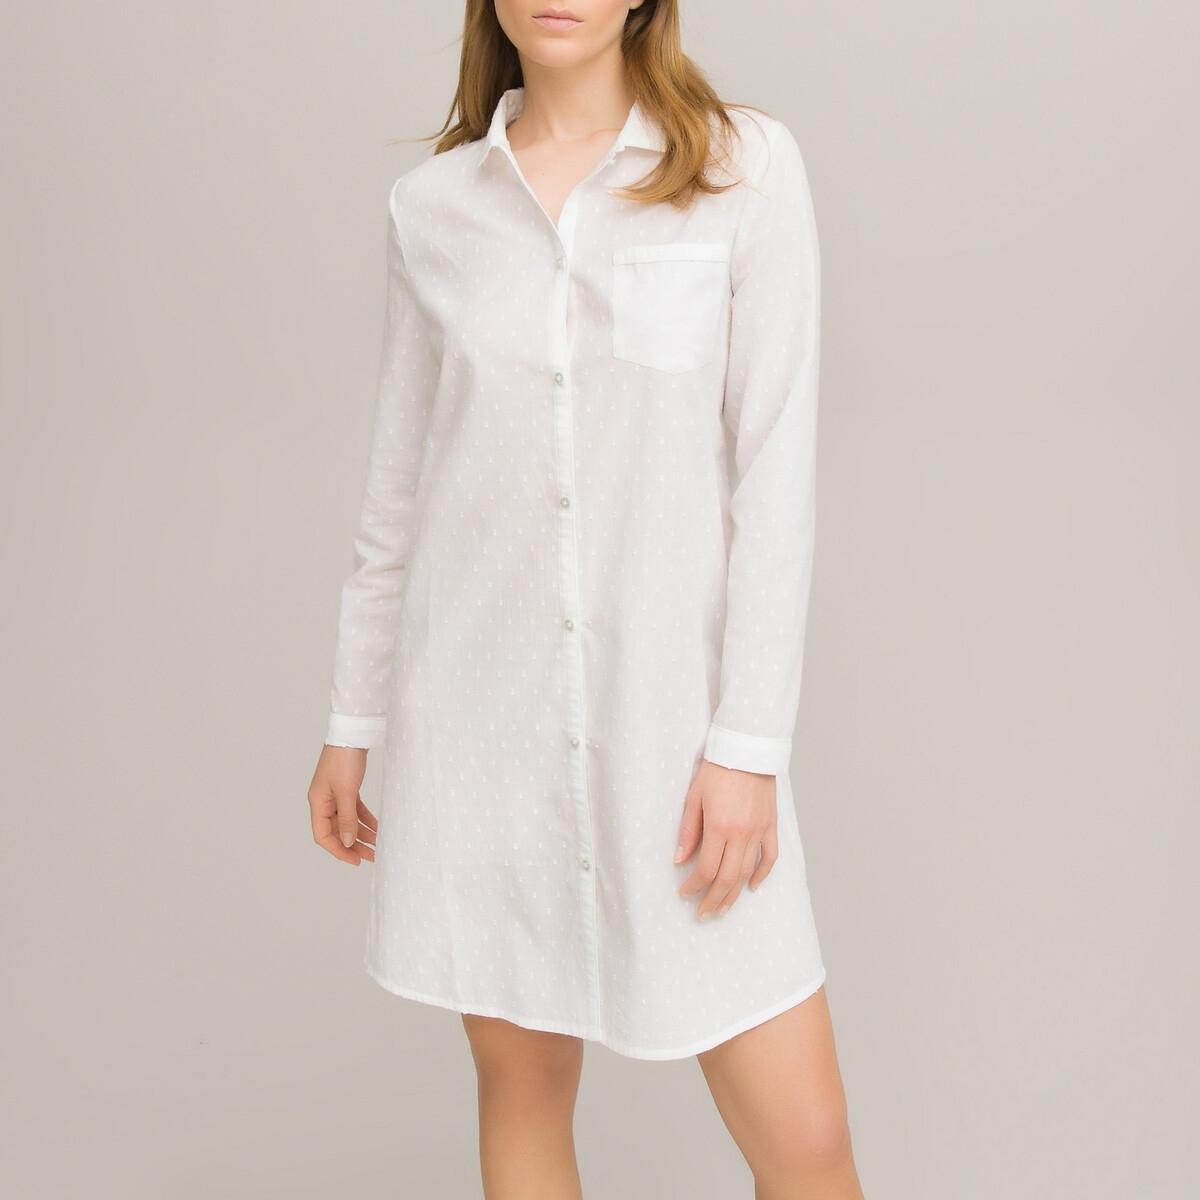 Рубашка LaRedoute Ночная из ткани с вышивкой гладью 40 (FR) - 46 (RUS) белый